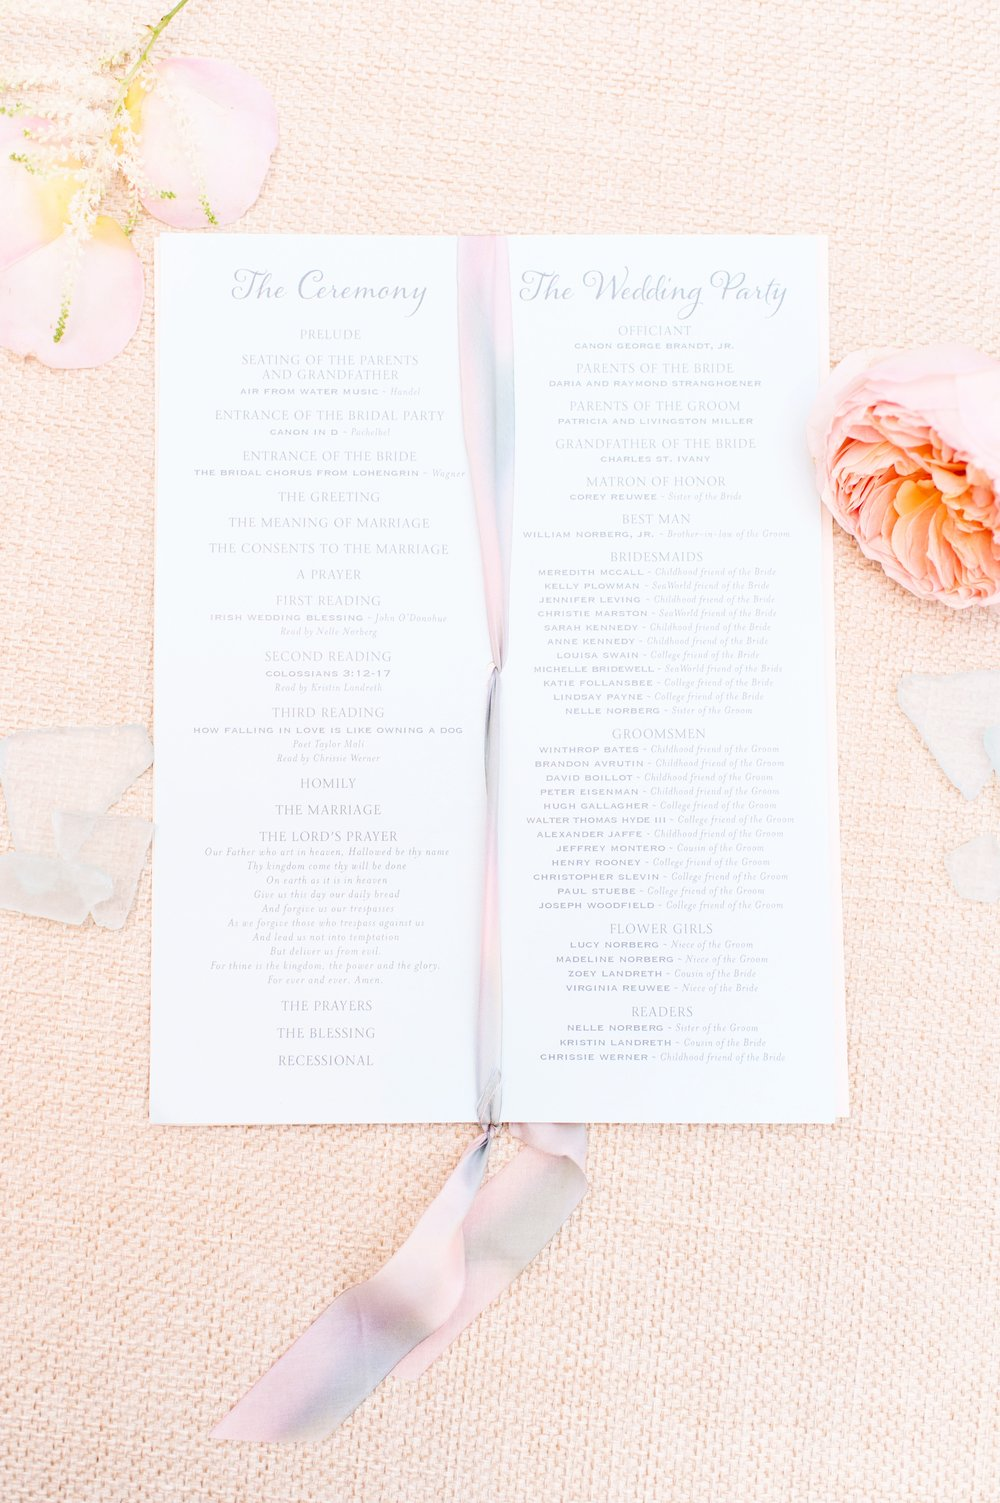 Mary & Andrew's Ceremony Program